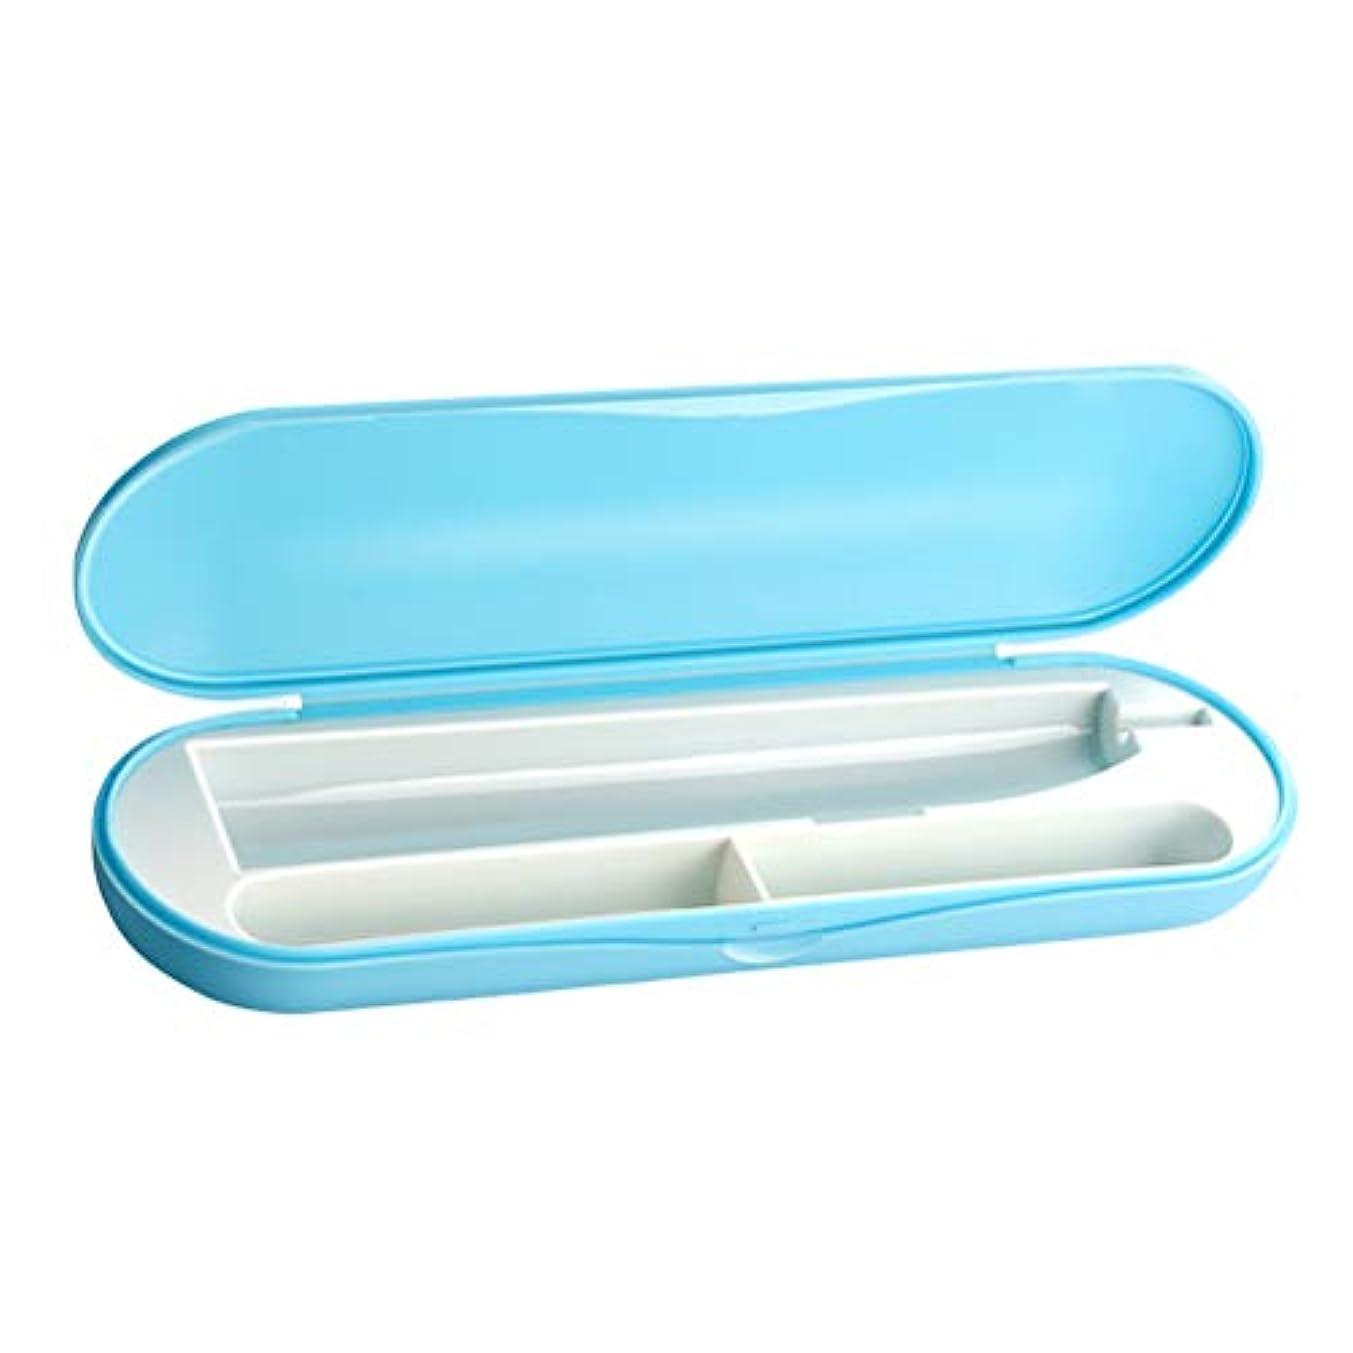 複製する放置シンプトンHealifty ポータブル電動歯ブラシケース歯磨き粉旅行キャンプ収納ホルダーボックス(ブルー)